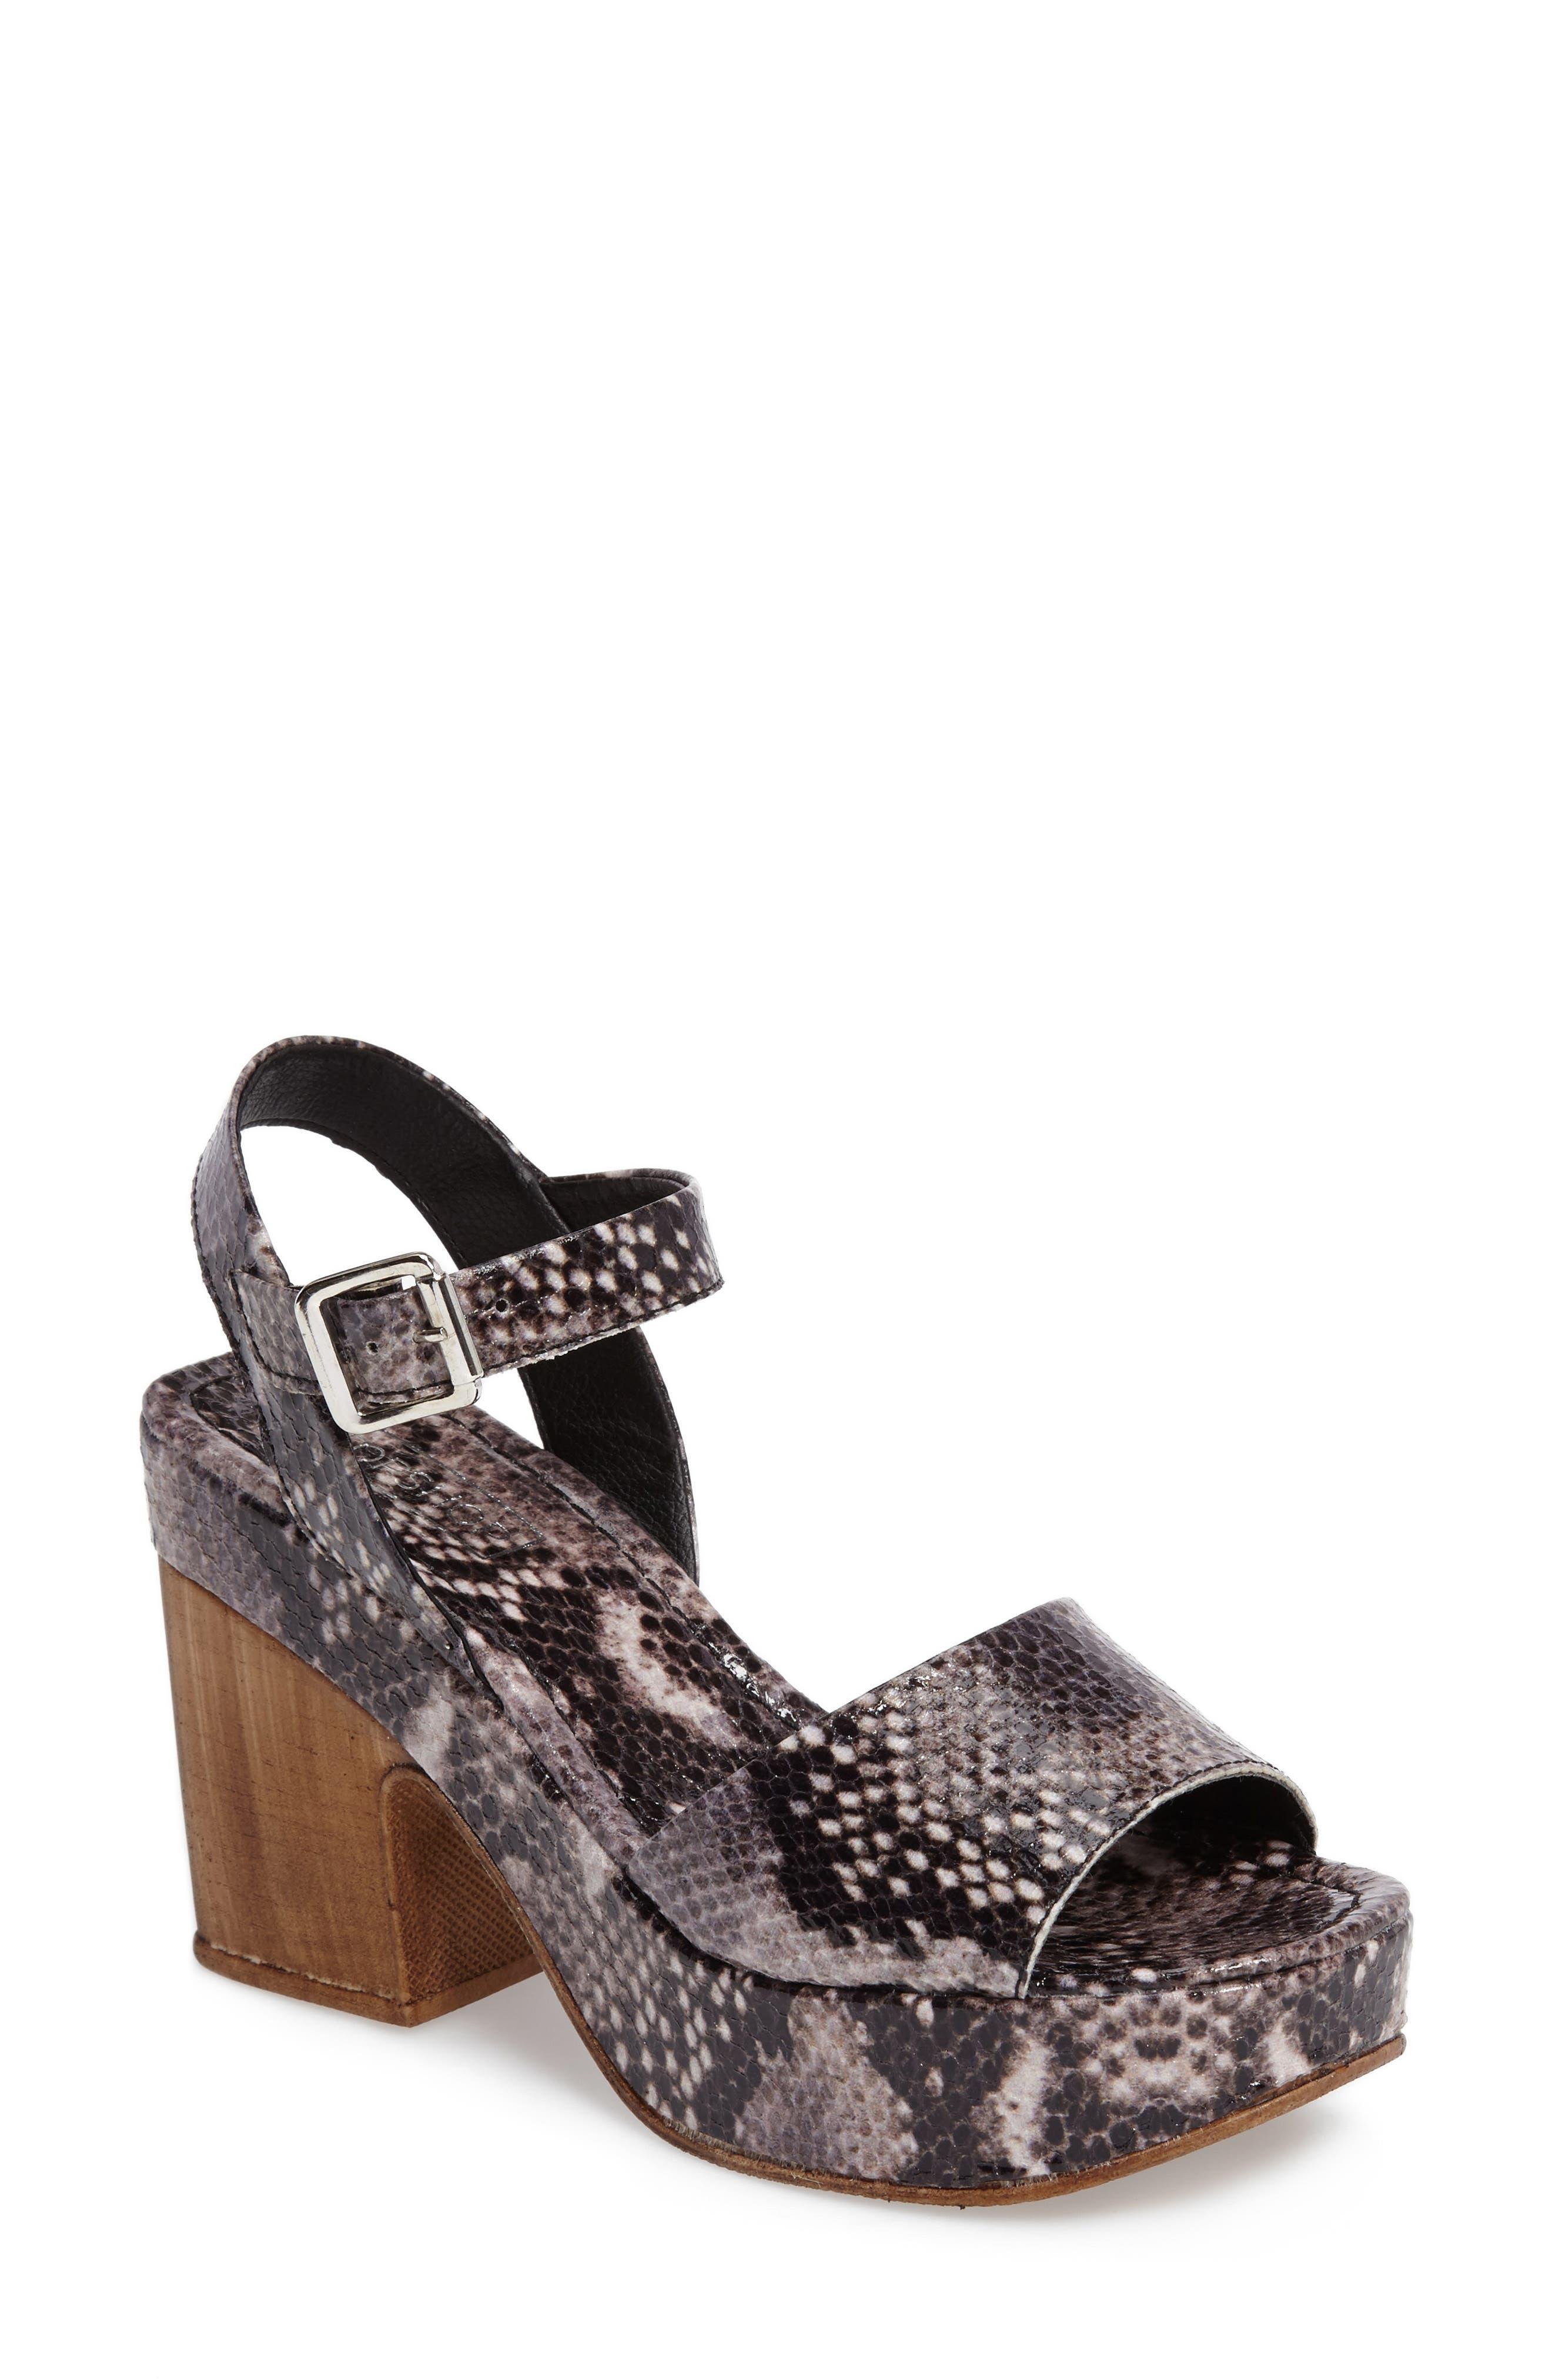 Alternate Image 1 Selected - Topshop Violets Platform Sandals (Women)